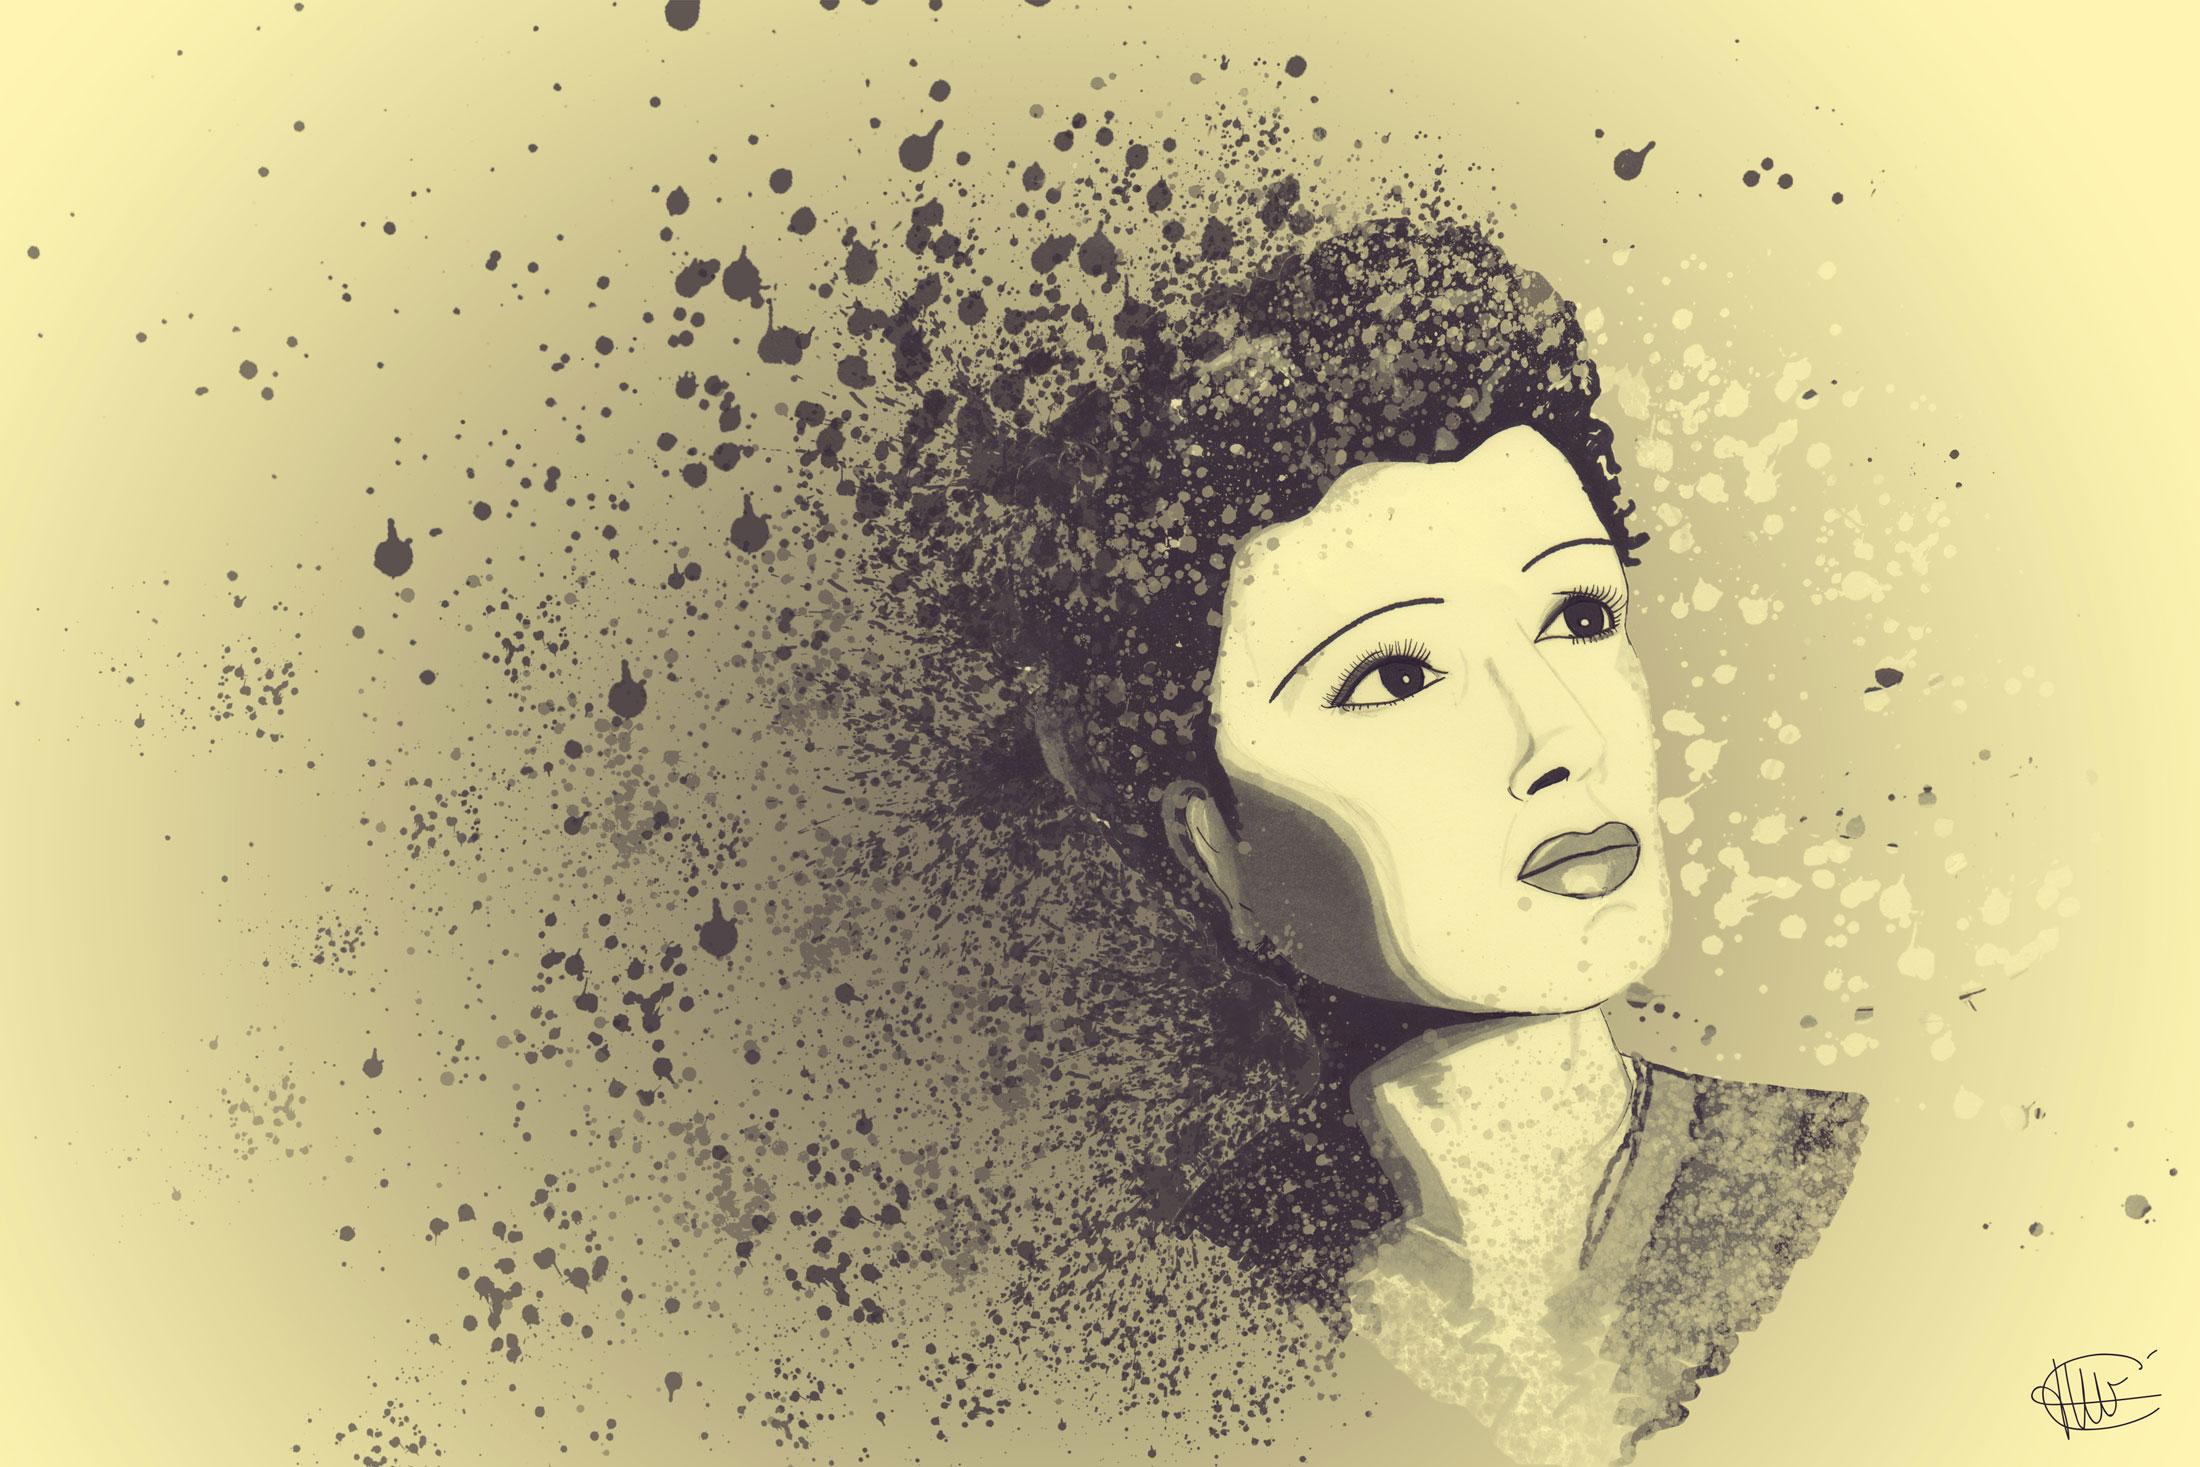 Dessin d Edith Piaf monte en effet dispersion par cecile jonquiere - cecile jonquieres